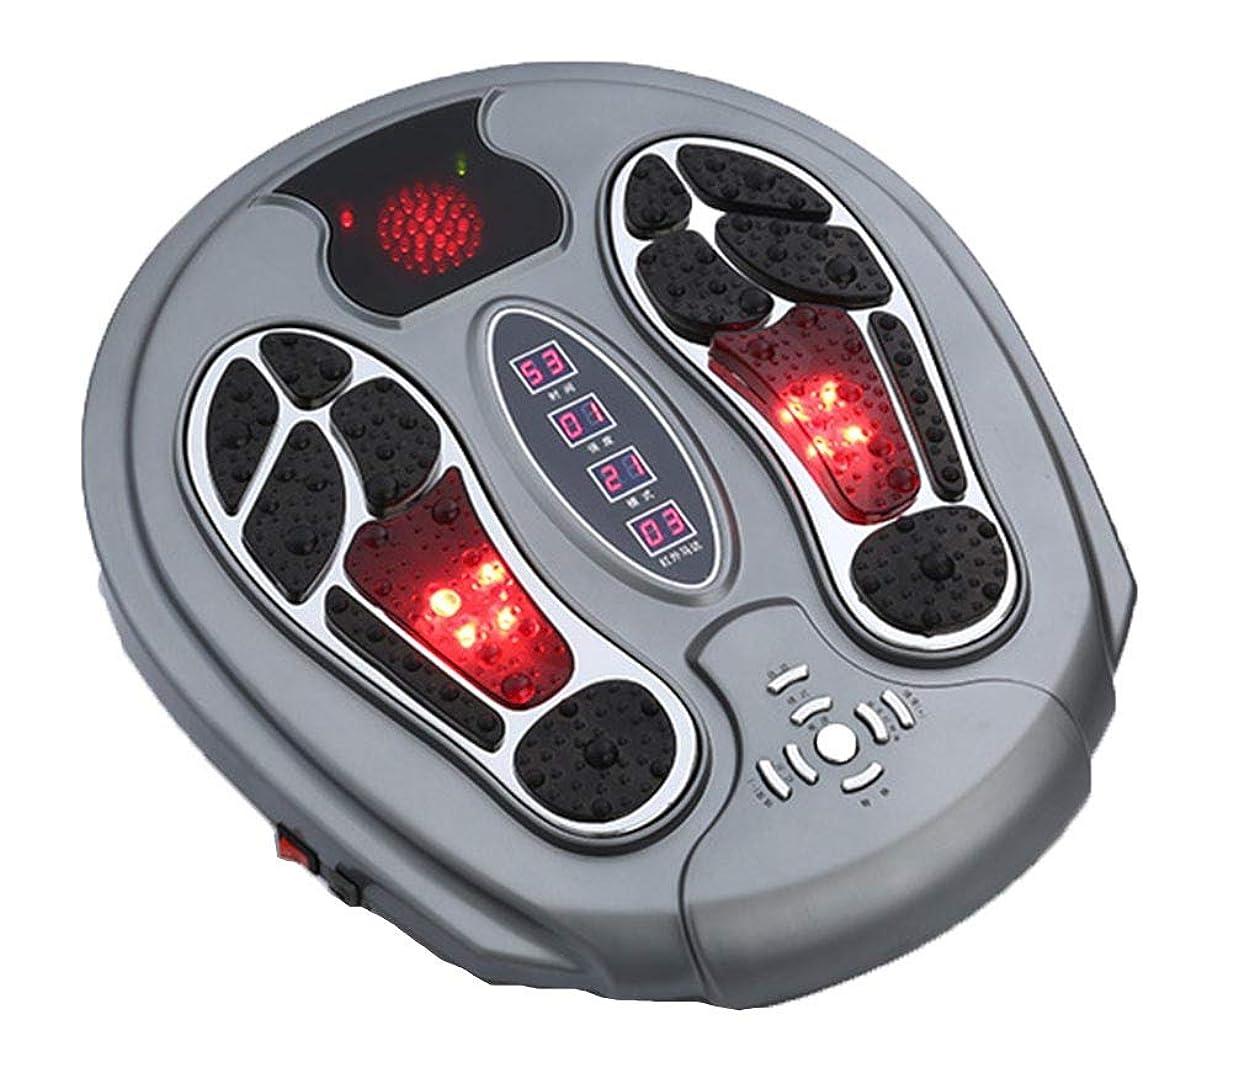 隠された隣接する銀調整可能Foot Massager Stimulator - Booster Circulation、身体を刺激する99の強度設定、赤外線機能付き リラックス